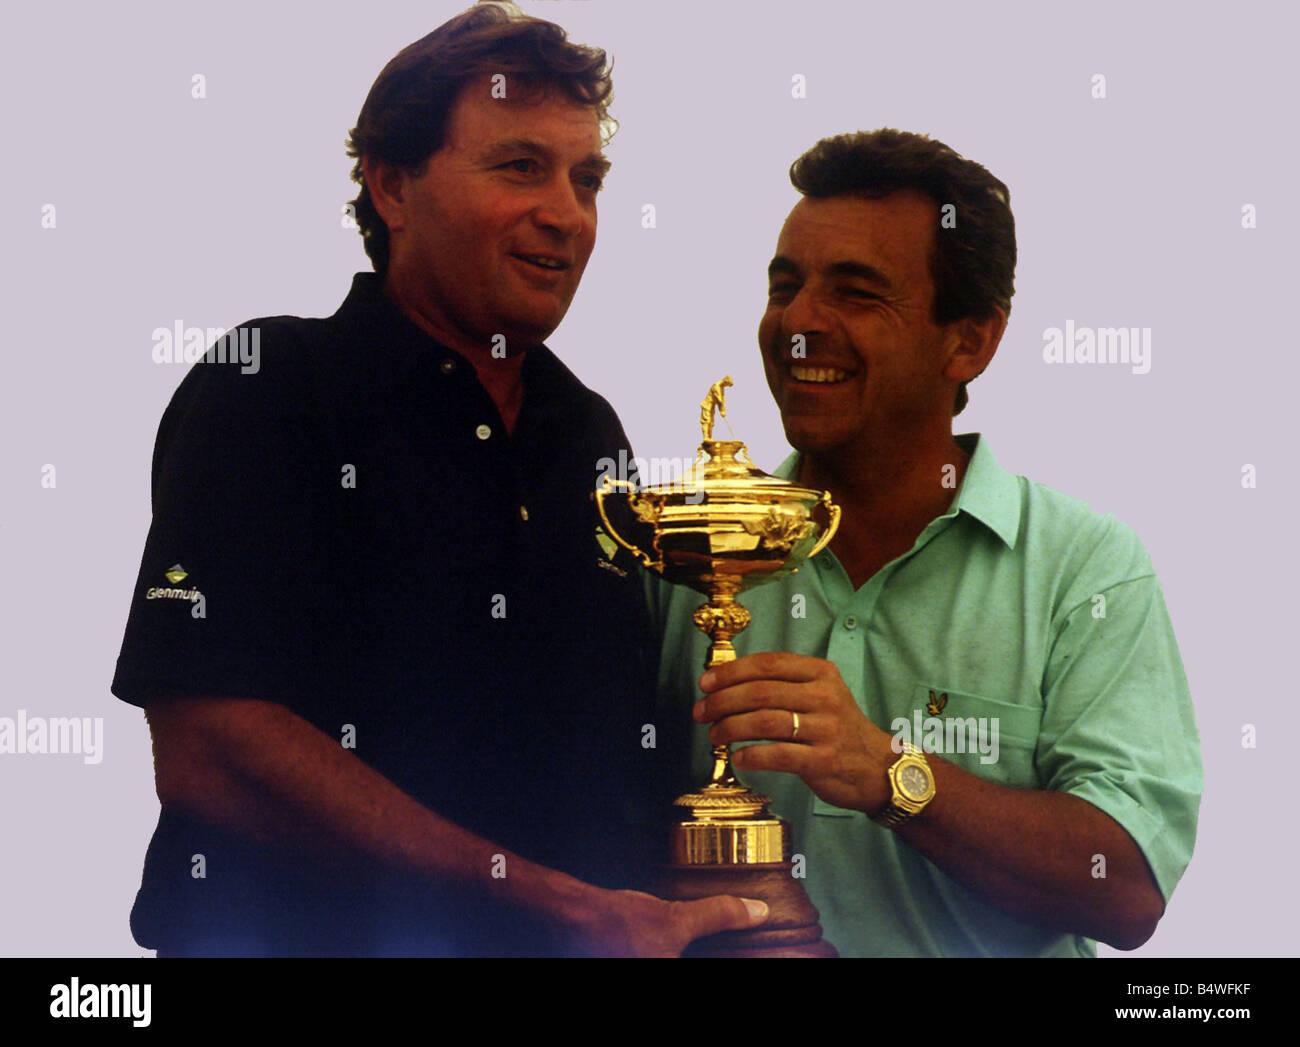 Raymond Floyd with Tony Jacklin golfers 1989 - Stock Image